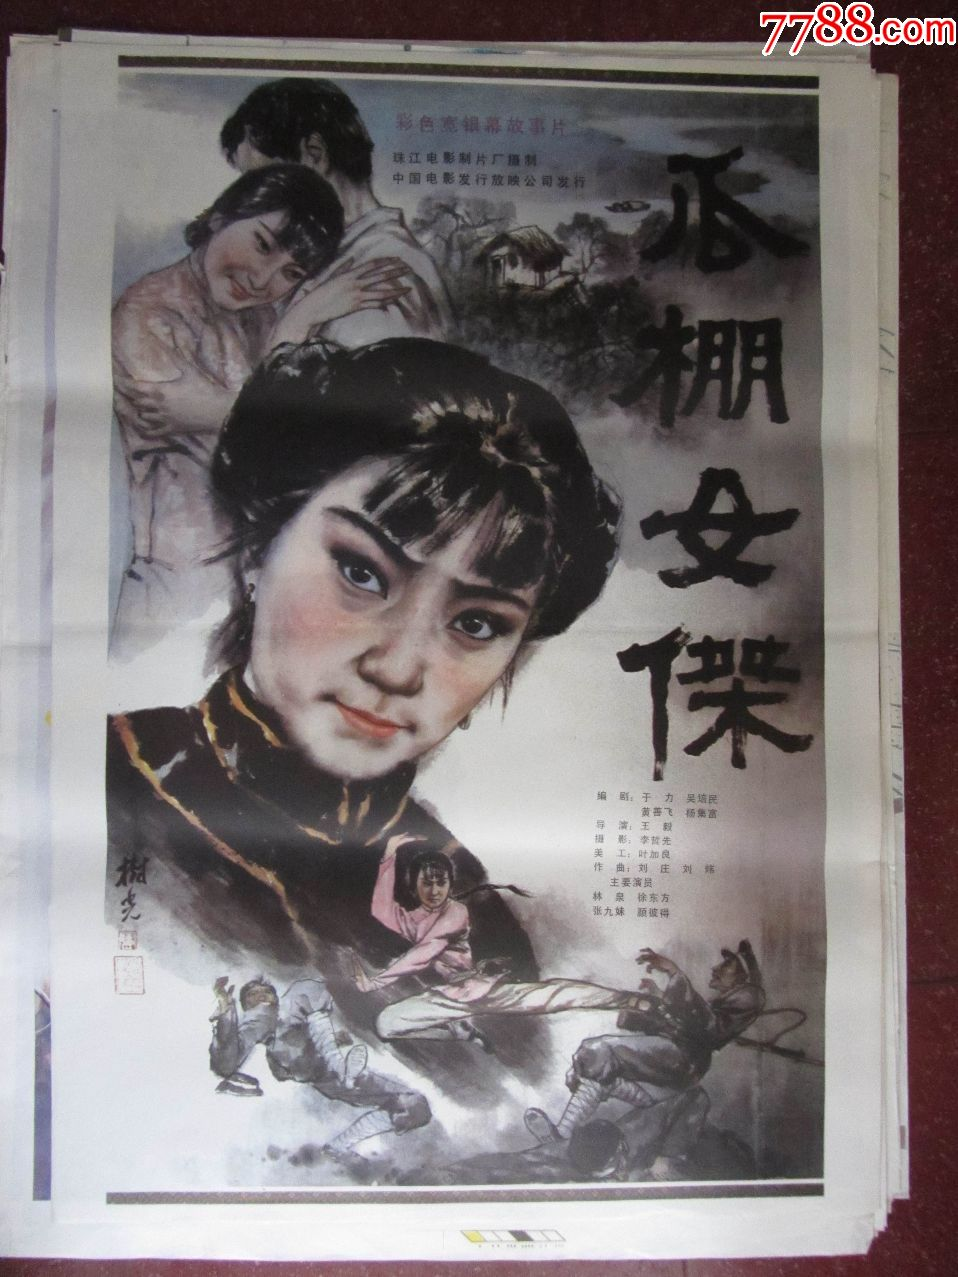 1开电影海报【瓜棚女杰等5张】大明穿越电视剧图片